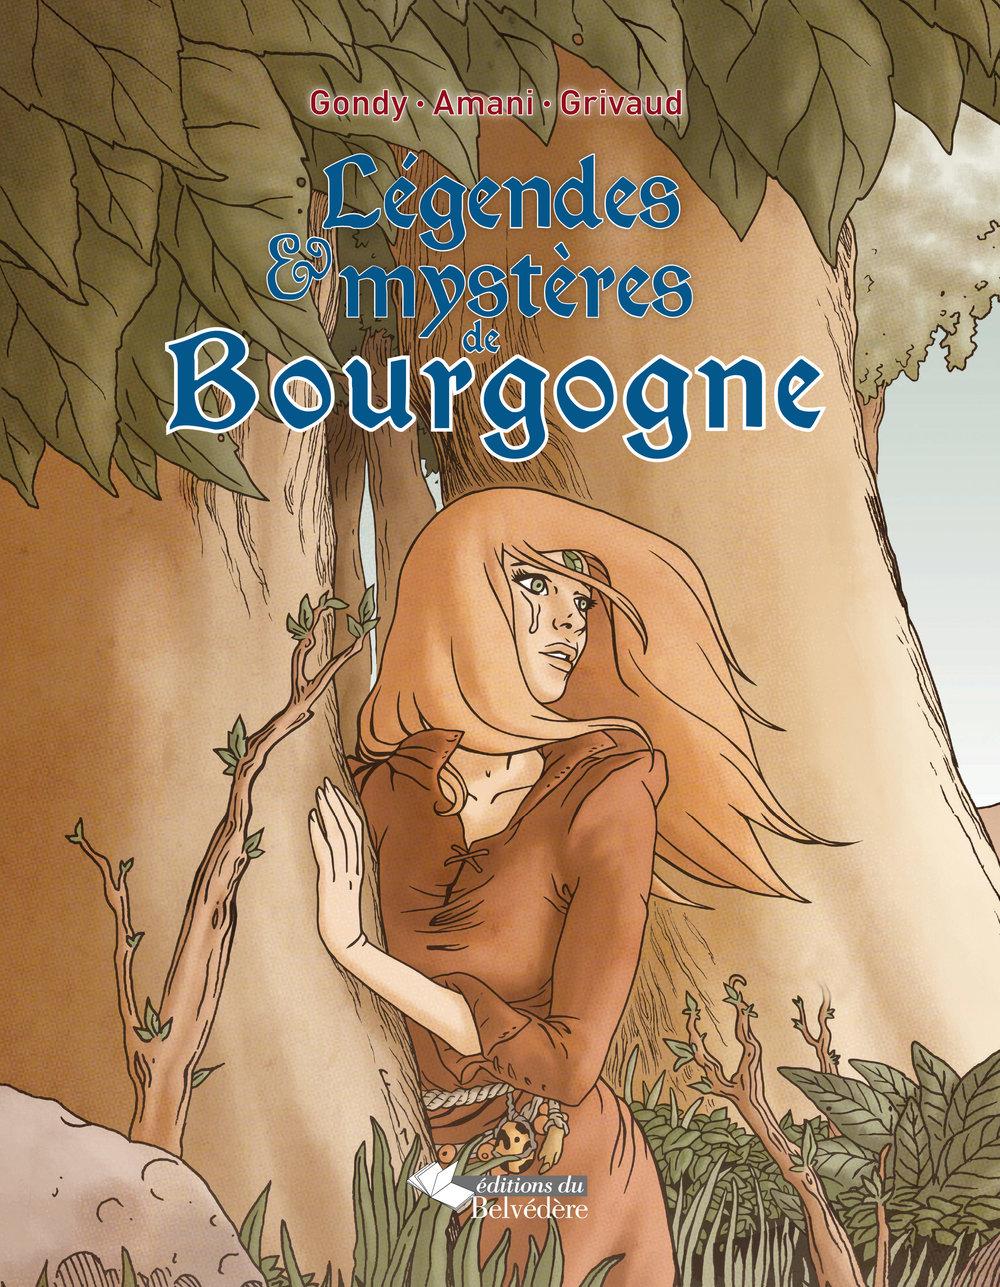 Legendes-de-bourgogne.jpg